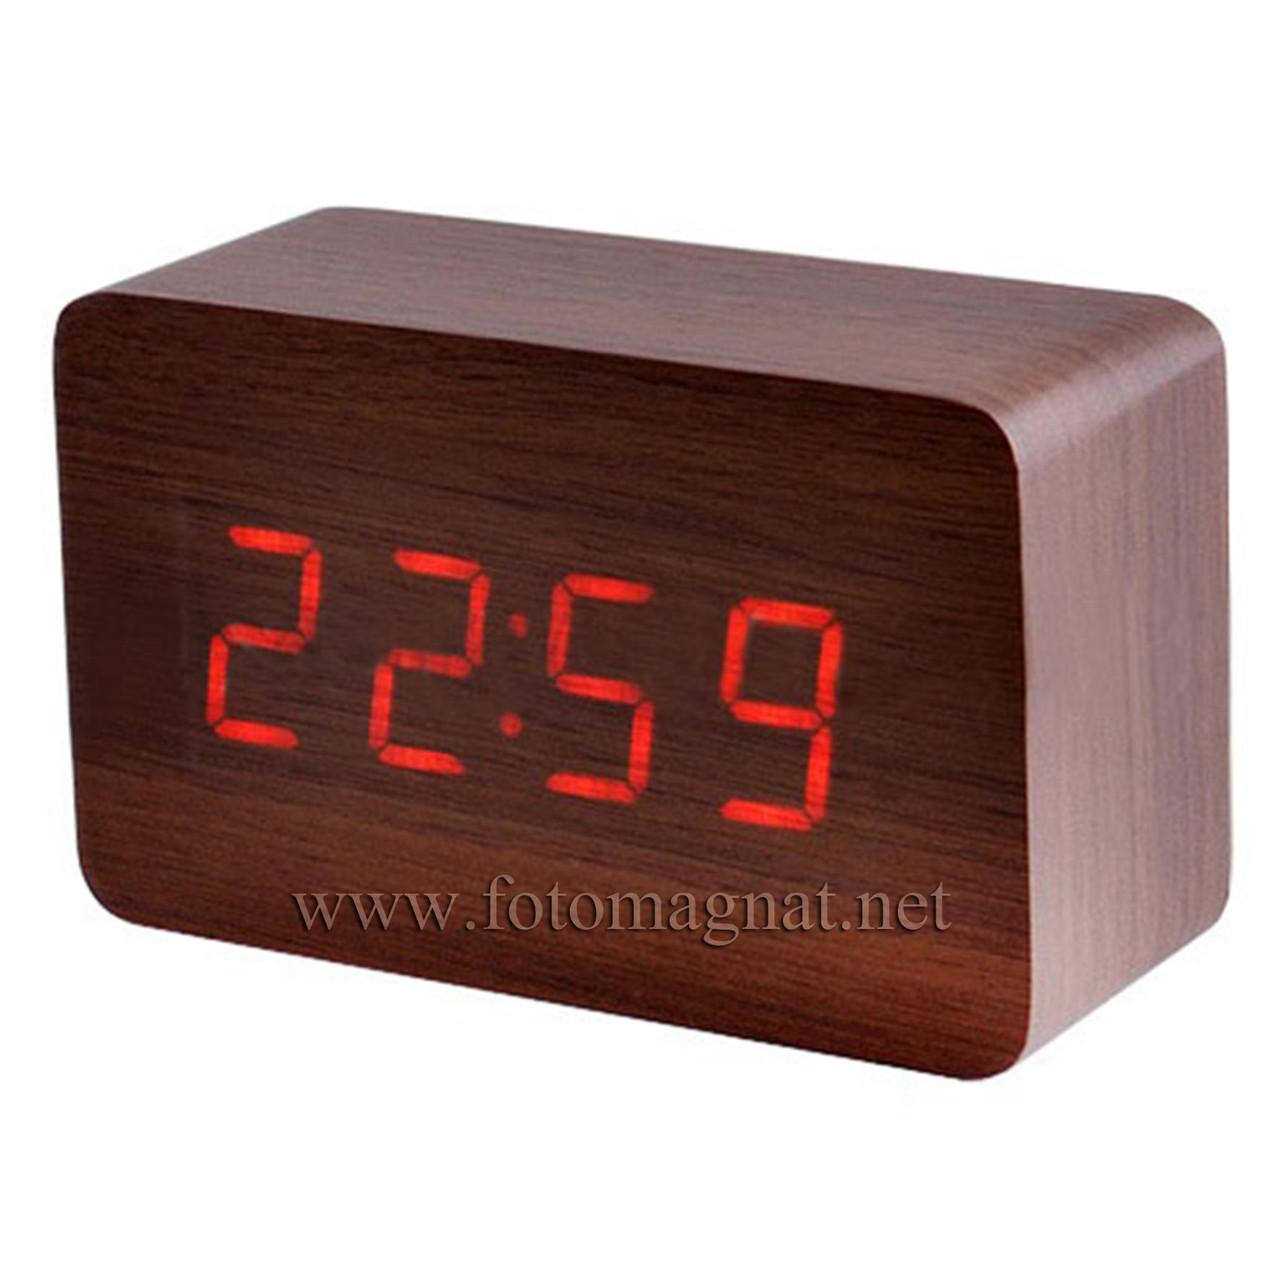 Часы настольные 863-1, сетевые и аккумуляторные, красного цвета